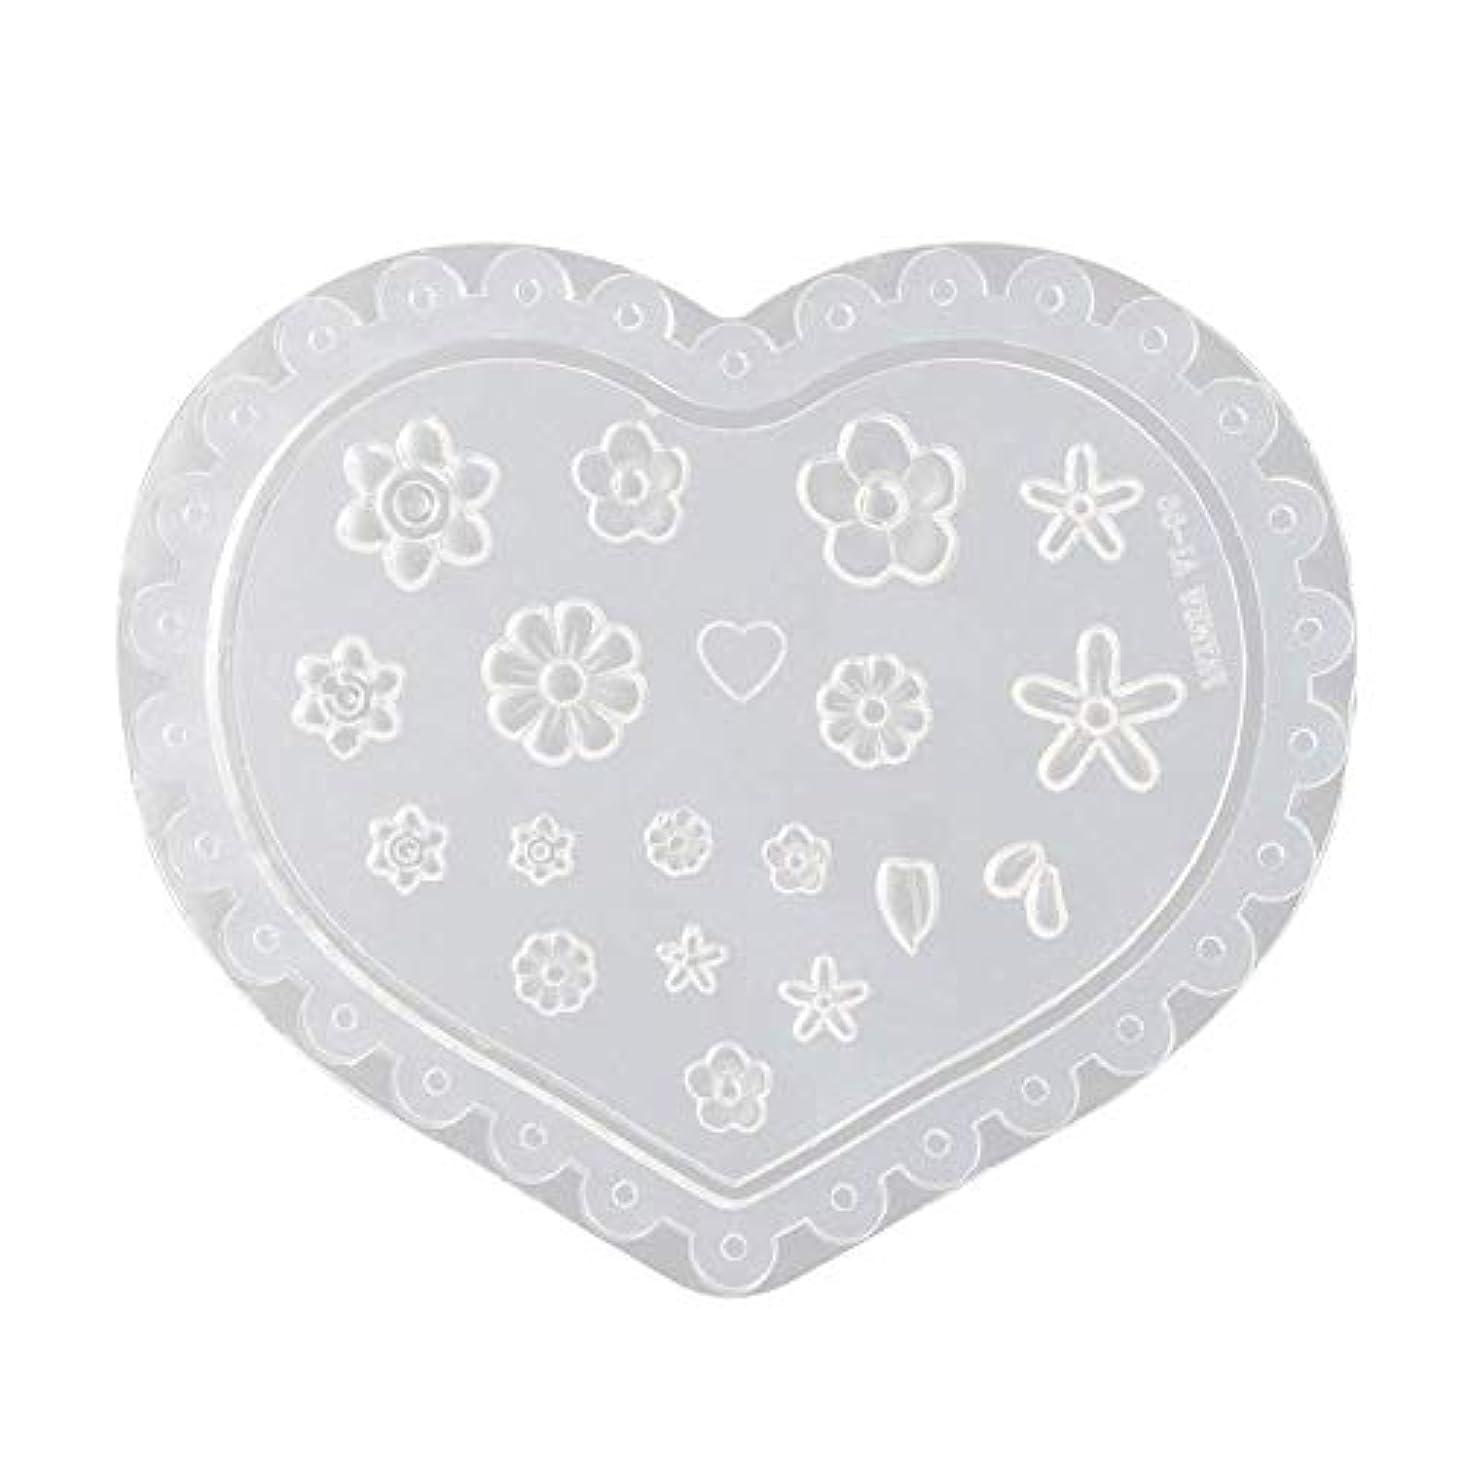 ピンクバンドルゆでるcoraly 3Dシリコンモールド ネイル 葉 花 抜き型 3Dネイル用 レジンモールド UVレジン ネイルパーツ ジェル ネイル セット アクセサリー パーツ 作成 (1)